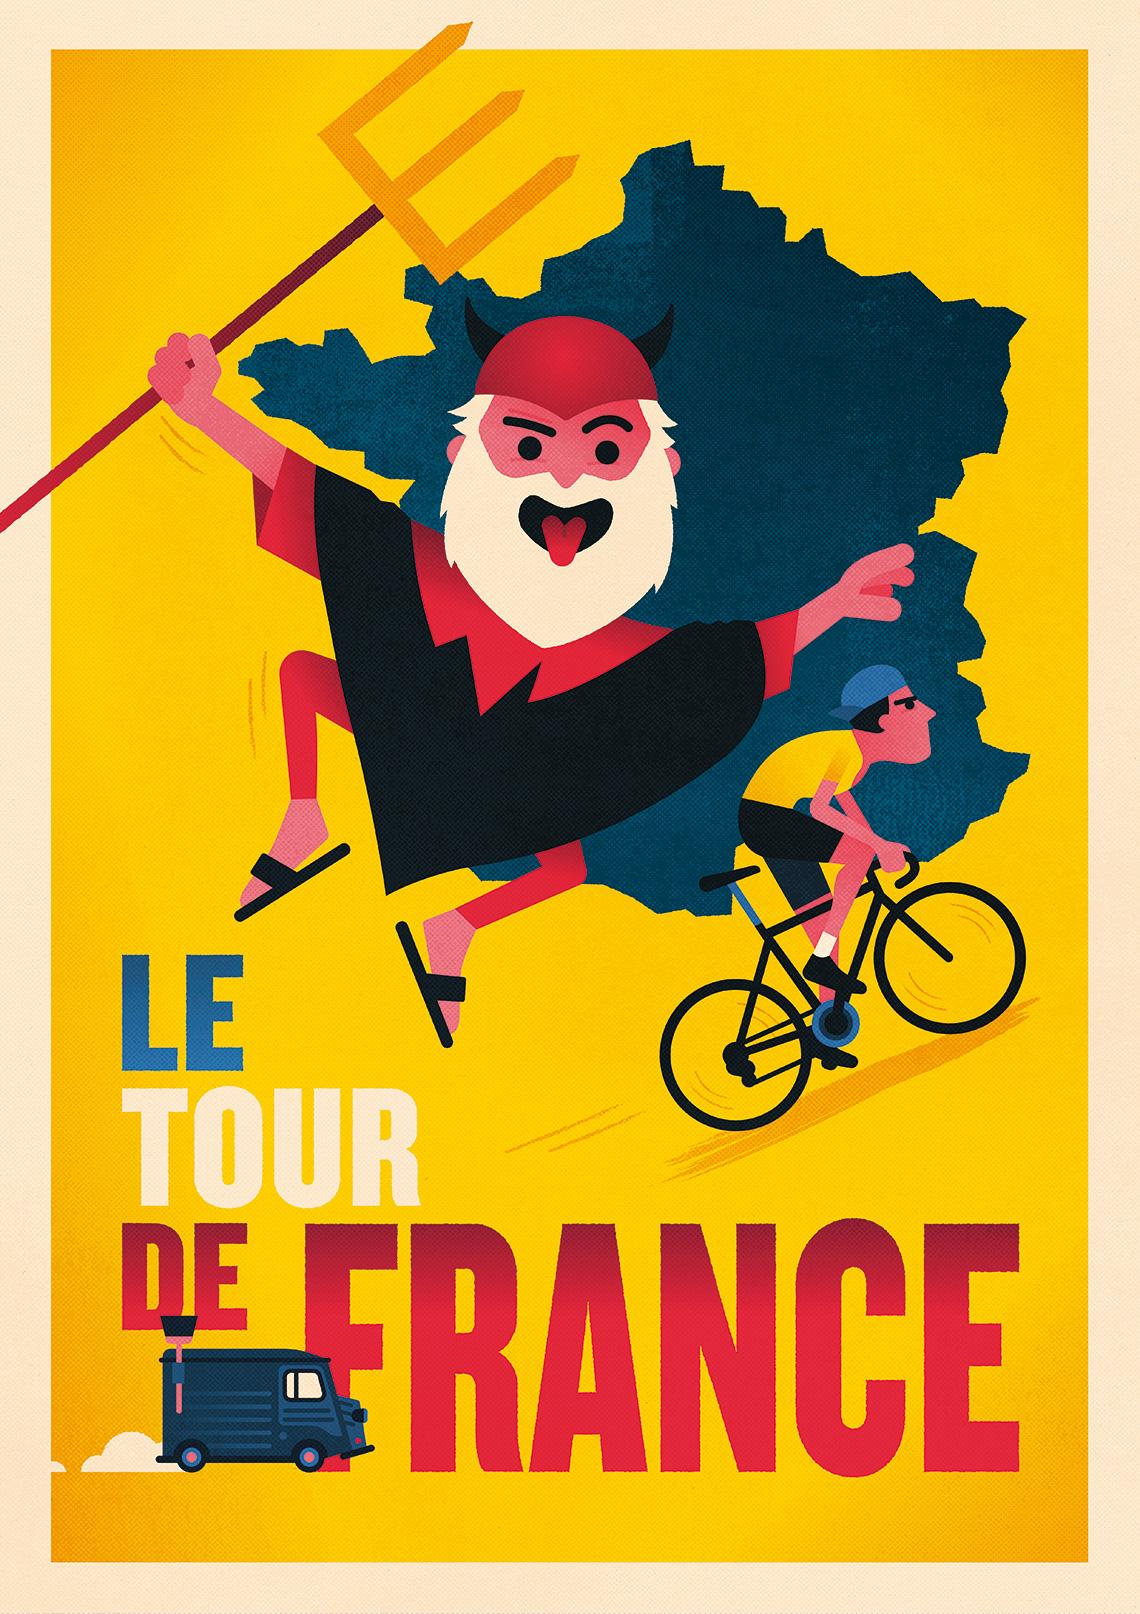 spencerwilson_le_tour_de_france.jpg